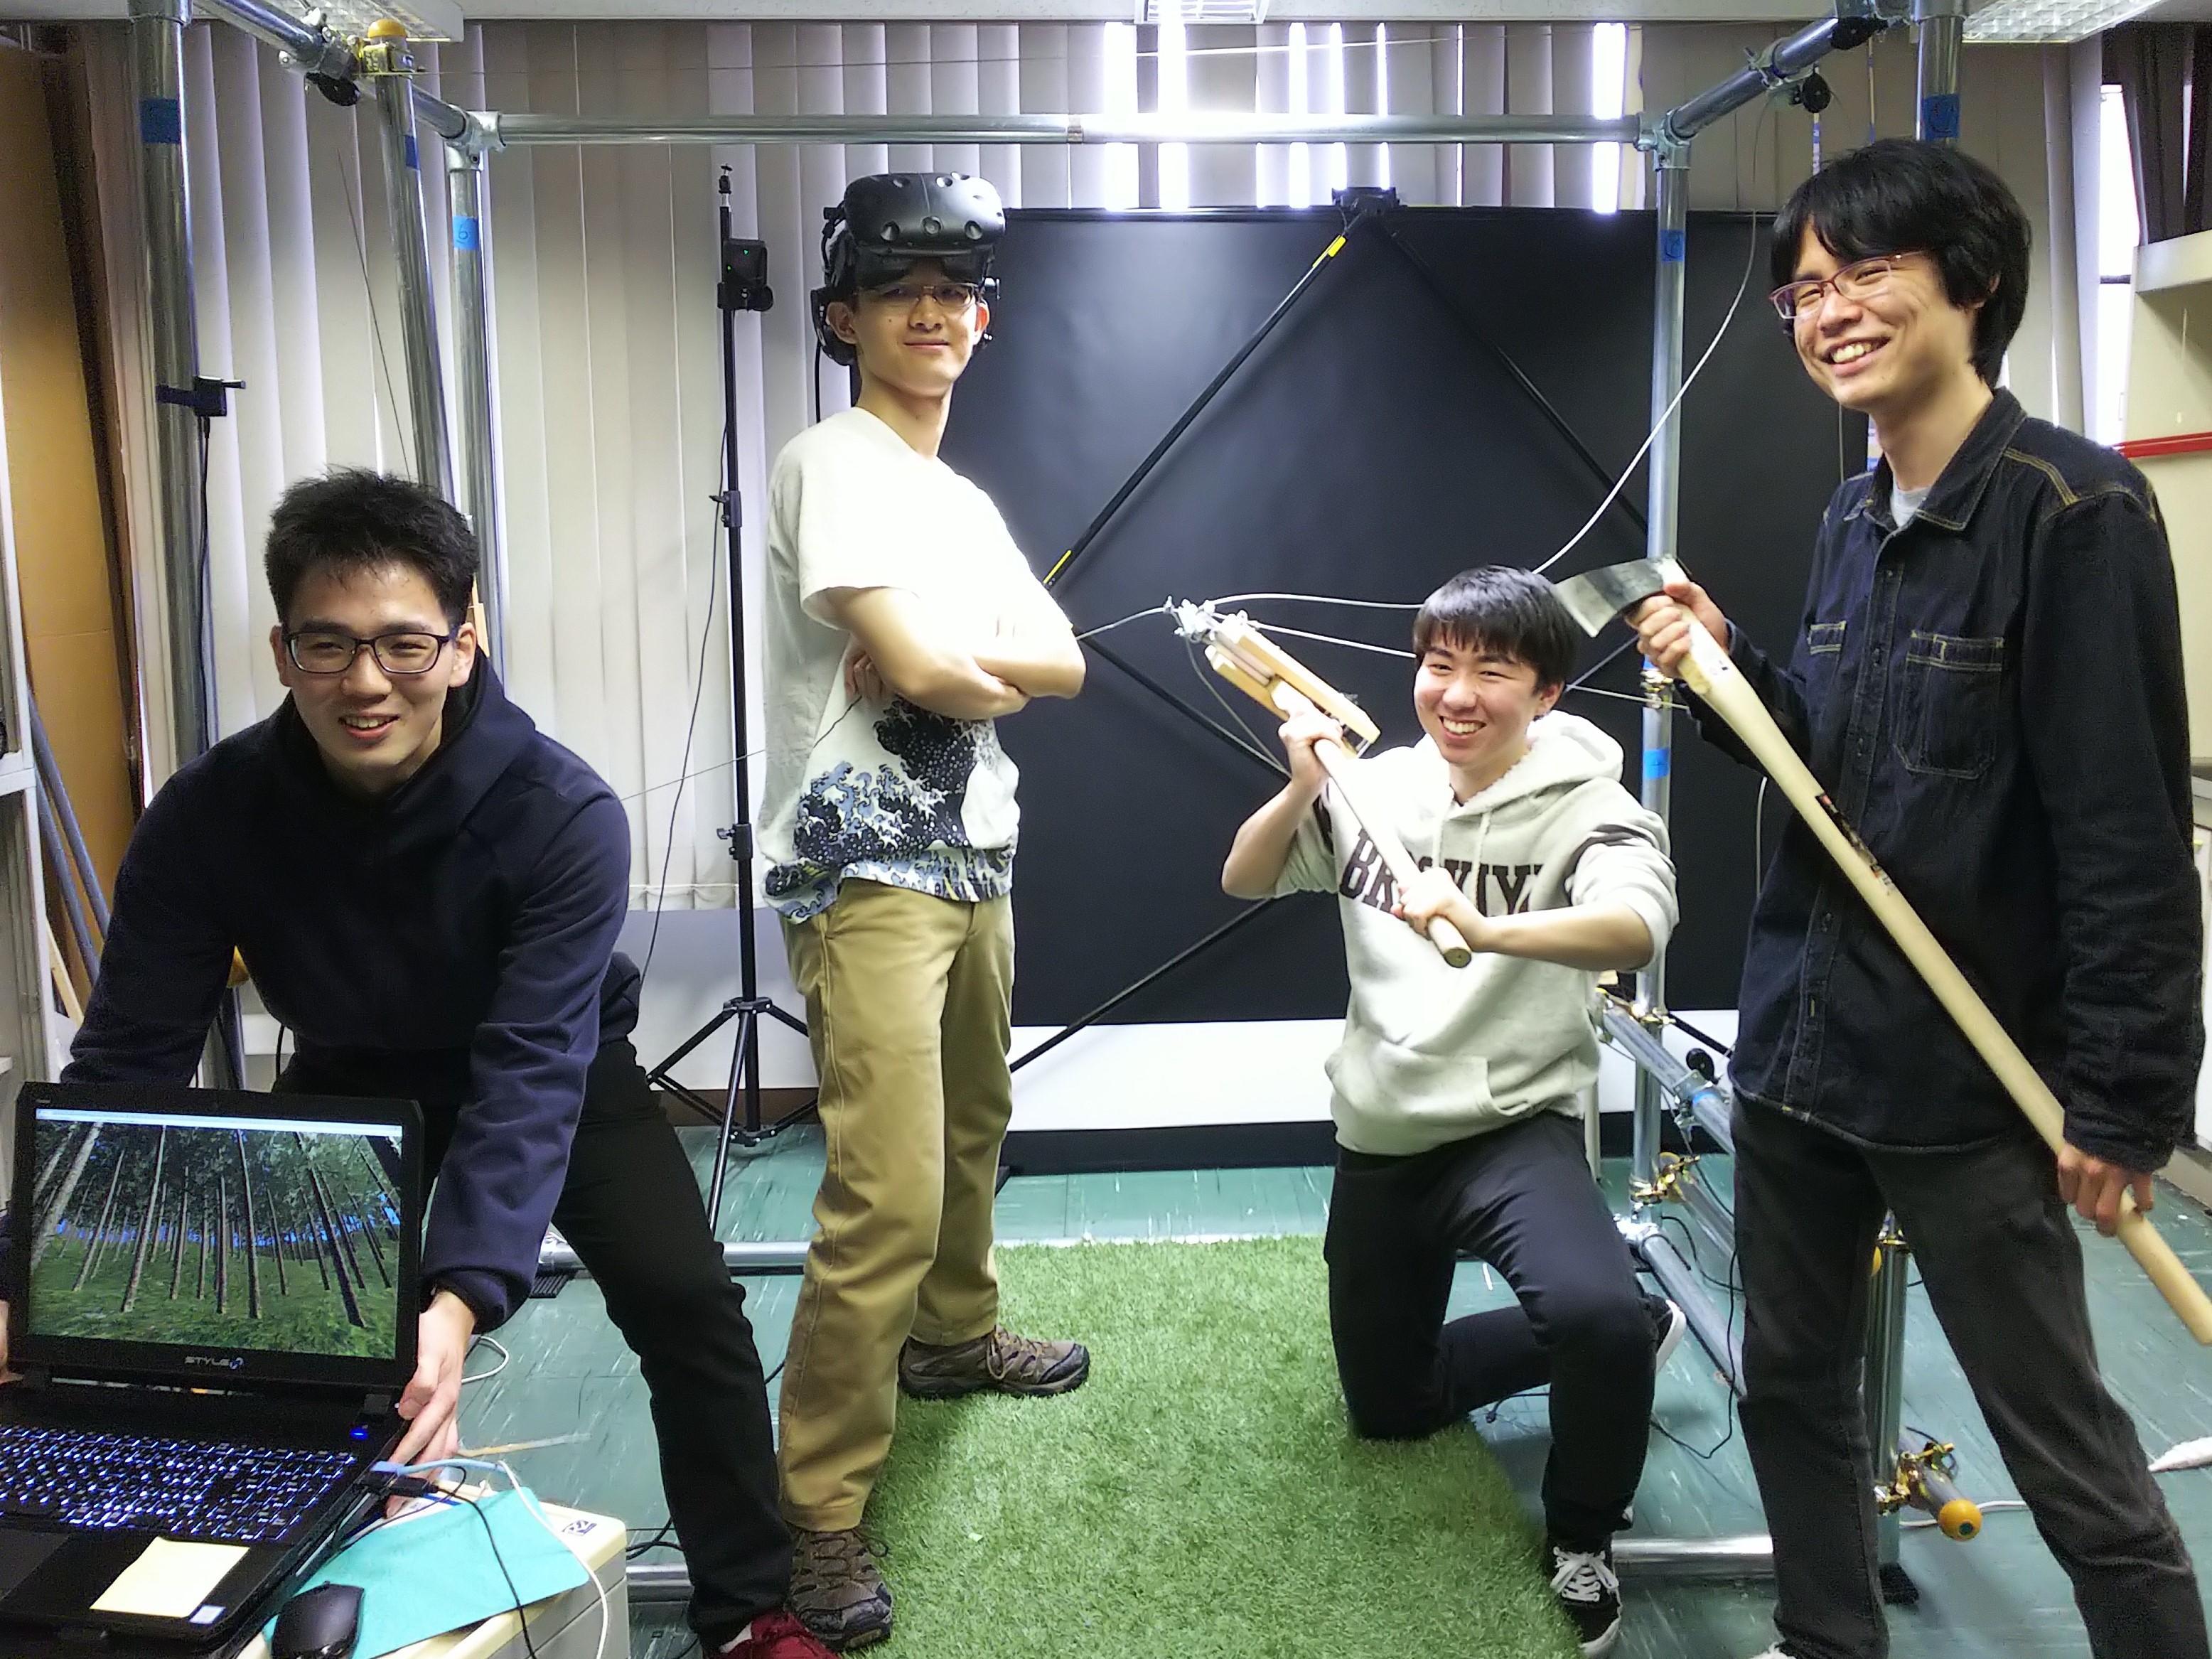 (左から)嶋津さん、山村さん、山本さん、加世田さん